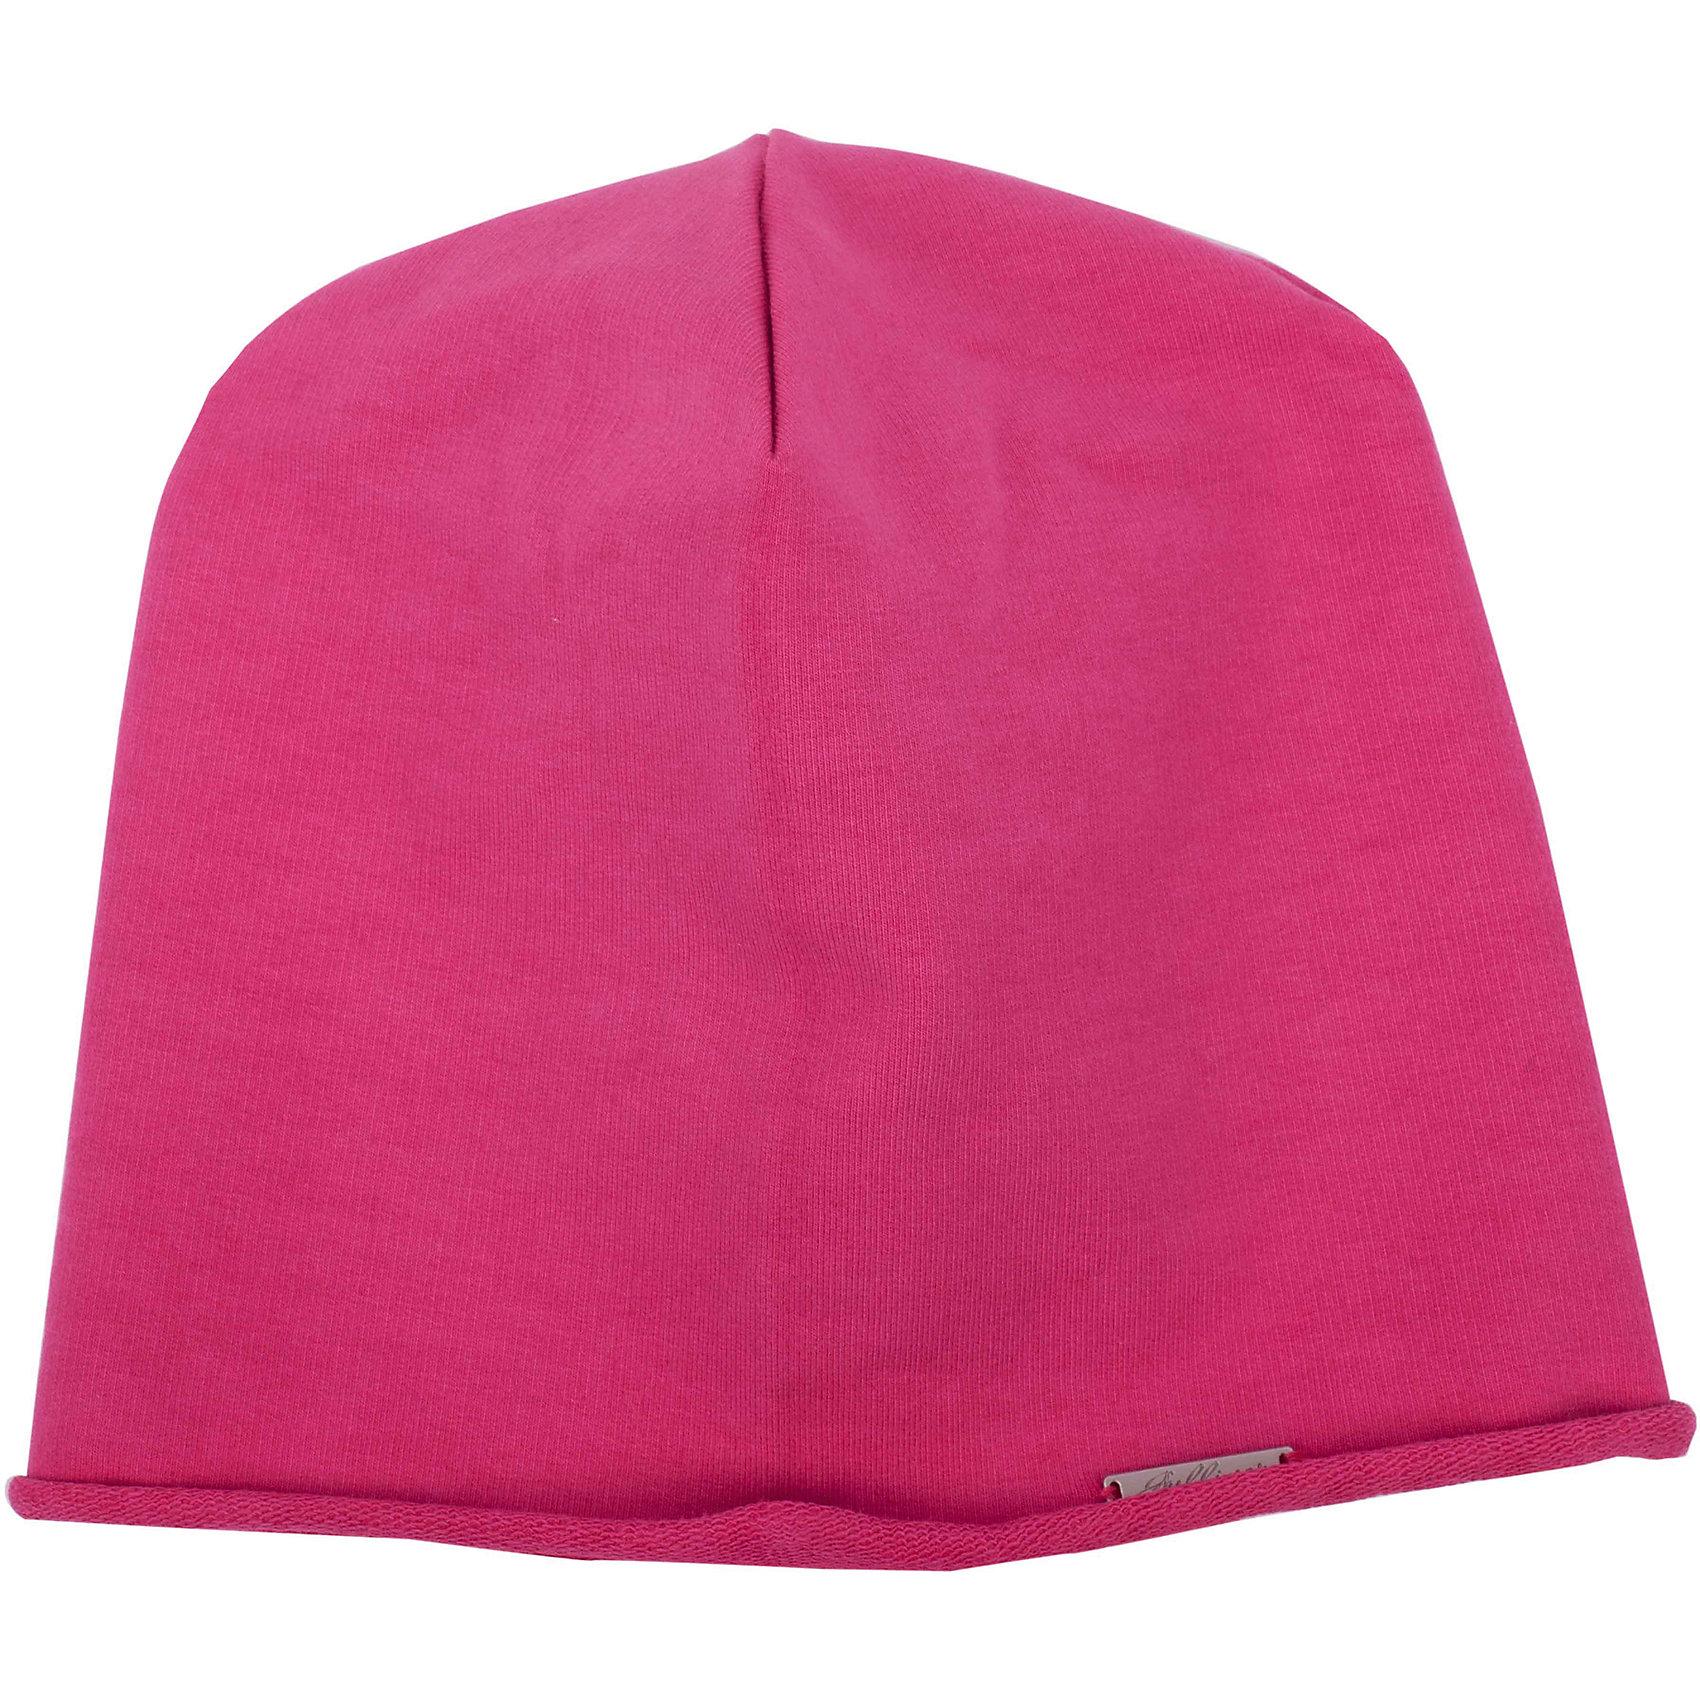 Шапка для девочки GulliverГоловные уборы<br>Трикотажная шапка для девочки - не только незаменимая функциональная вещь весеннего гардероба, но и яркий выразительный элемент образа! Шапка выполнена из яркого вареного футера с модным эффектом неравномерного крашения. В оформлении шапки деликатная фирменная металлическая накладка.<br>Состав:<br>95% хлопок      5% эластан<br><br>Ширина мм: 89<br>Глубина мм: 117<br>Высота мм: 44<br>Вес г: 155<br>Цвет: розовый<br>Возраст от месяцев: 24<br>Возраст до месяцев: 36<br>Пол: Женский<br>Возраст: Детский<br>Размер: 50,52<br>SKU: 4534559